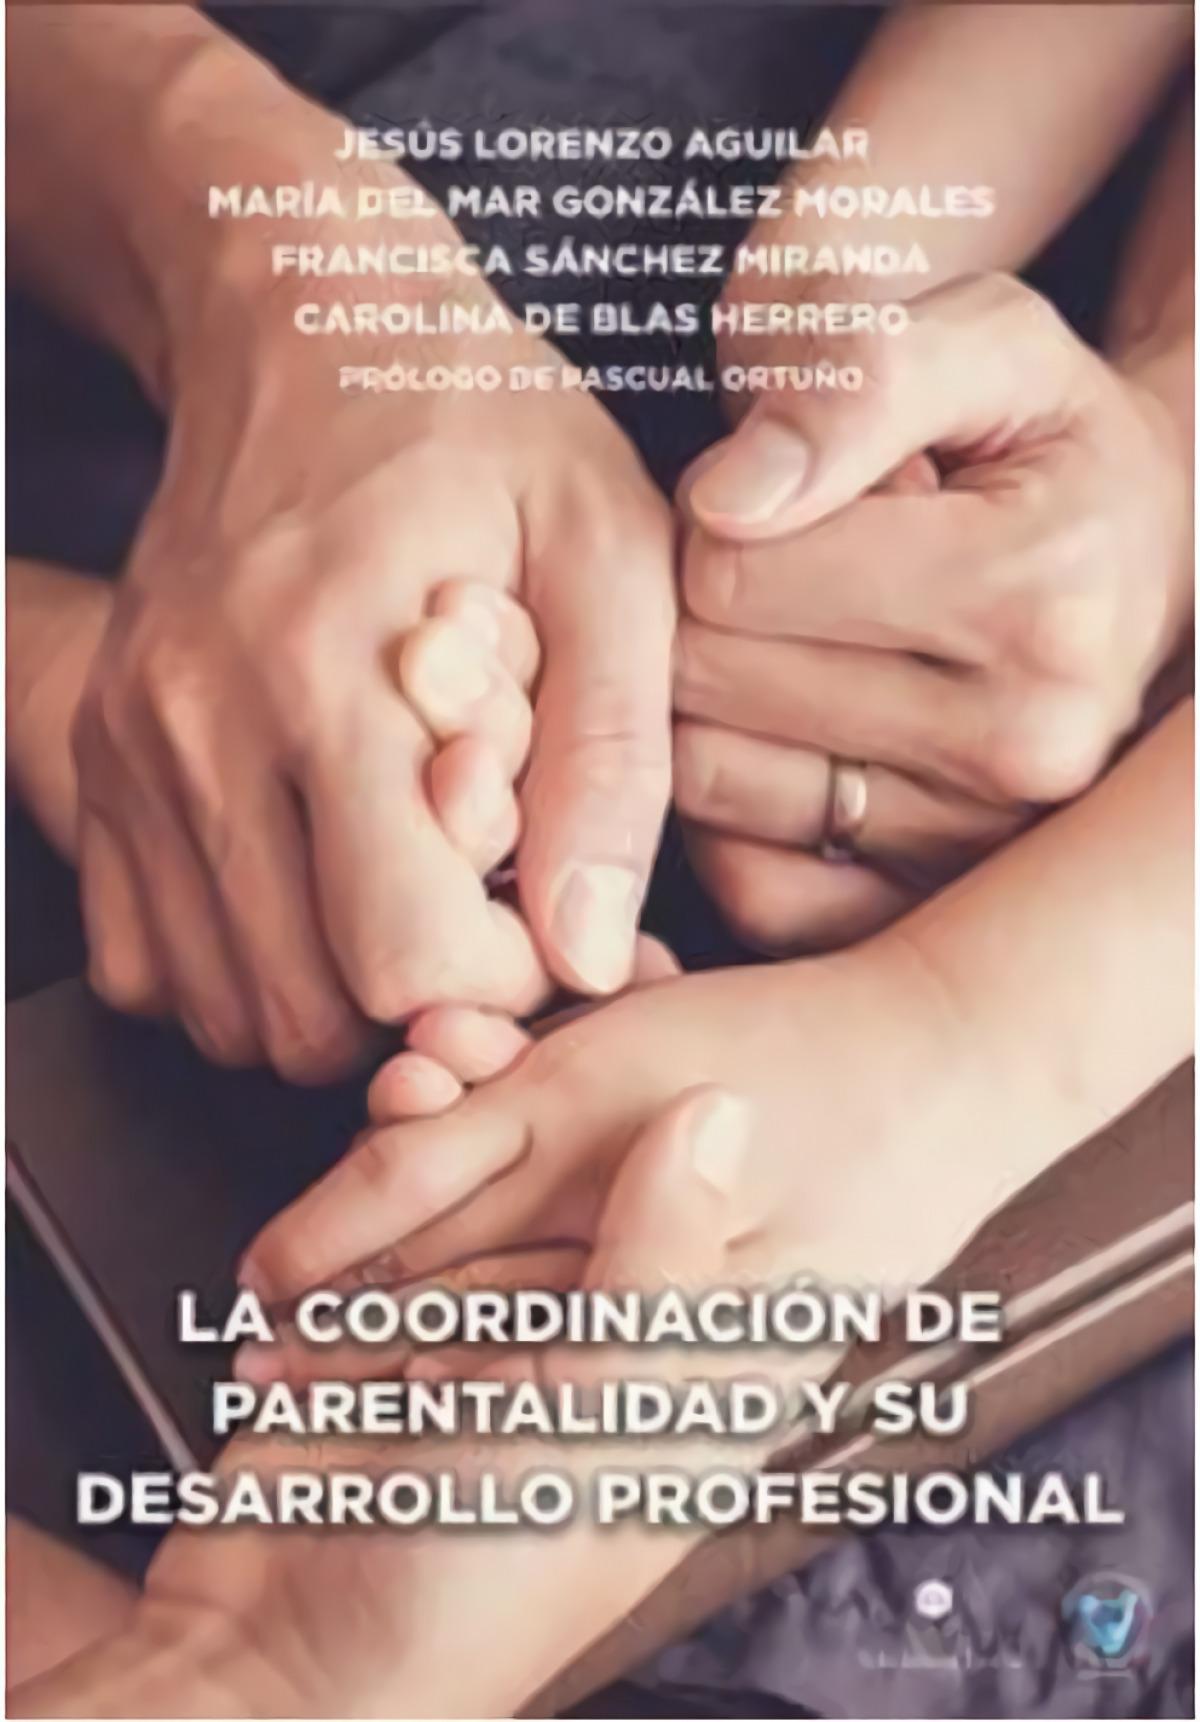 LA COORDINACIÓN DE PARENTALIDAD Y SU DESARROLLO PROFESIONAL 9788412211818